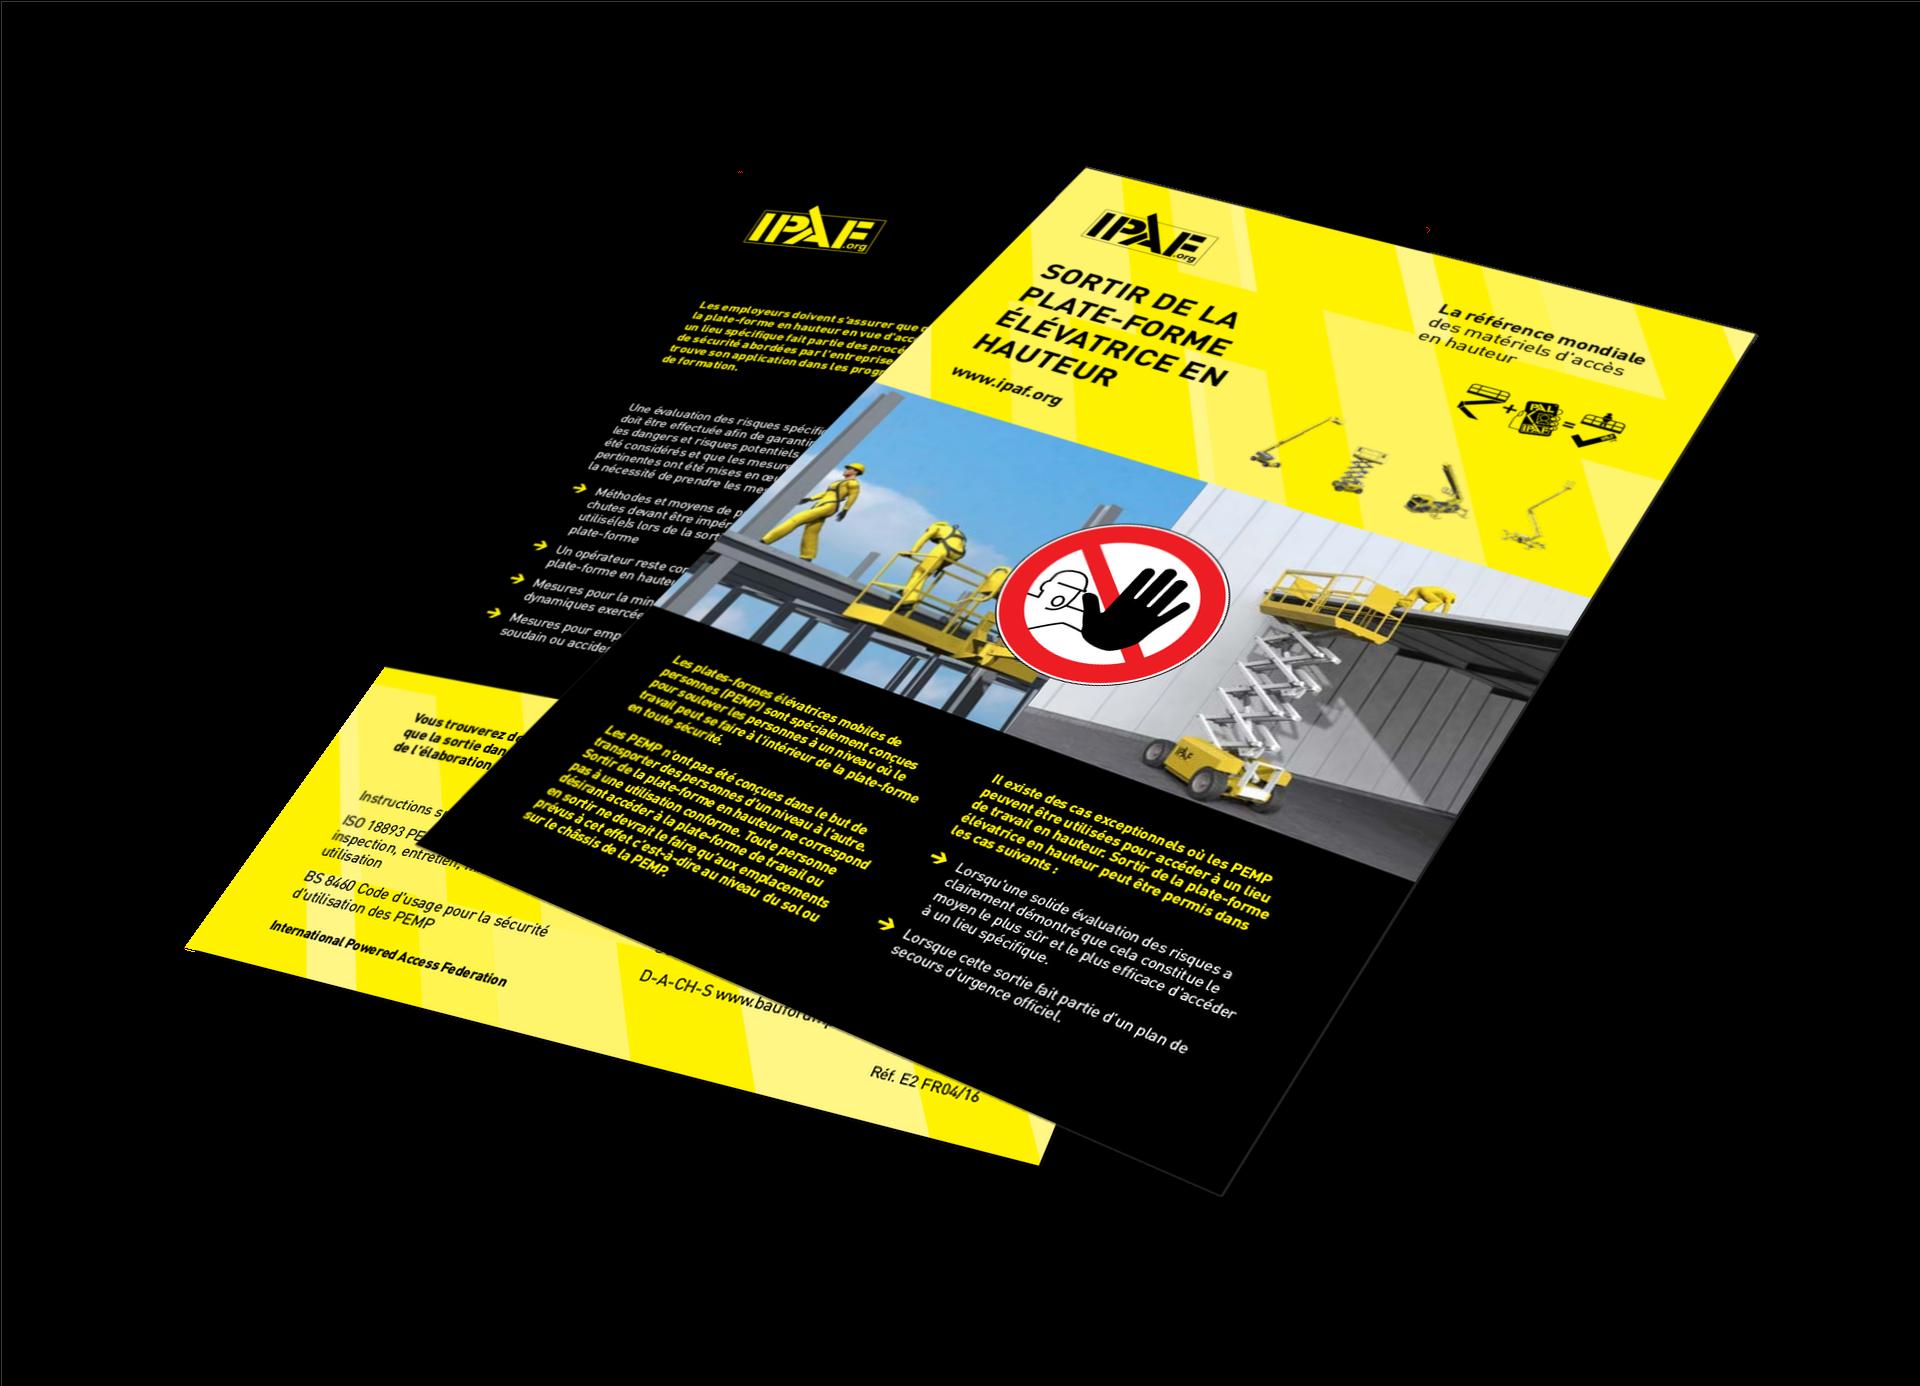 Technische Anleitungen Ausstieg aus dem angehobenen Arbeitskorb Download Italienisch - Ausstieg aus dem angehobenen Arbeitskorb